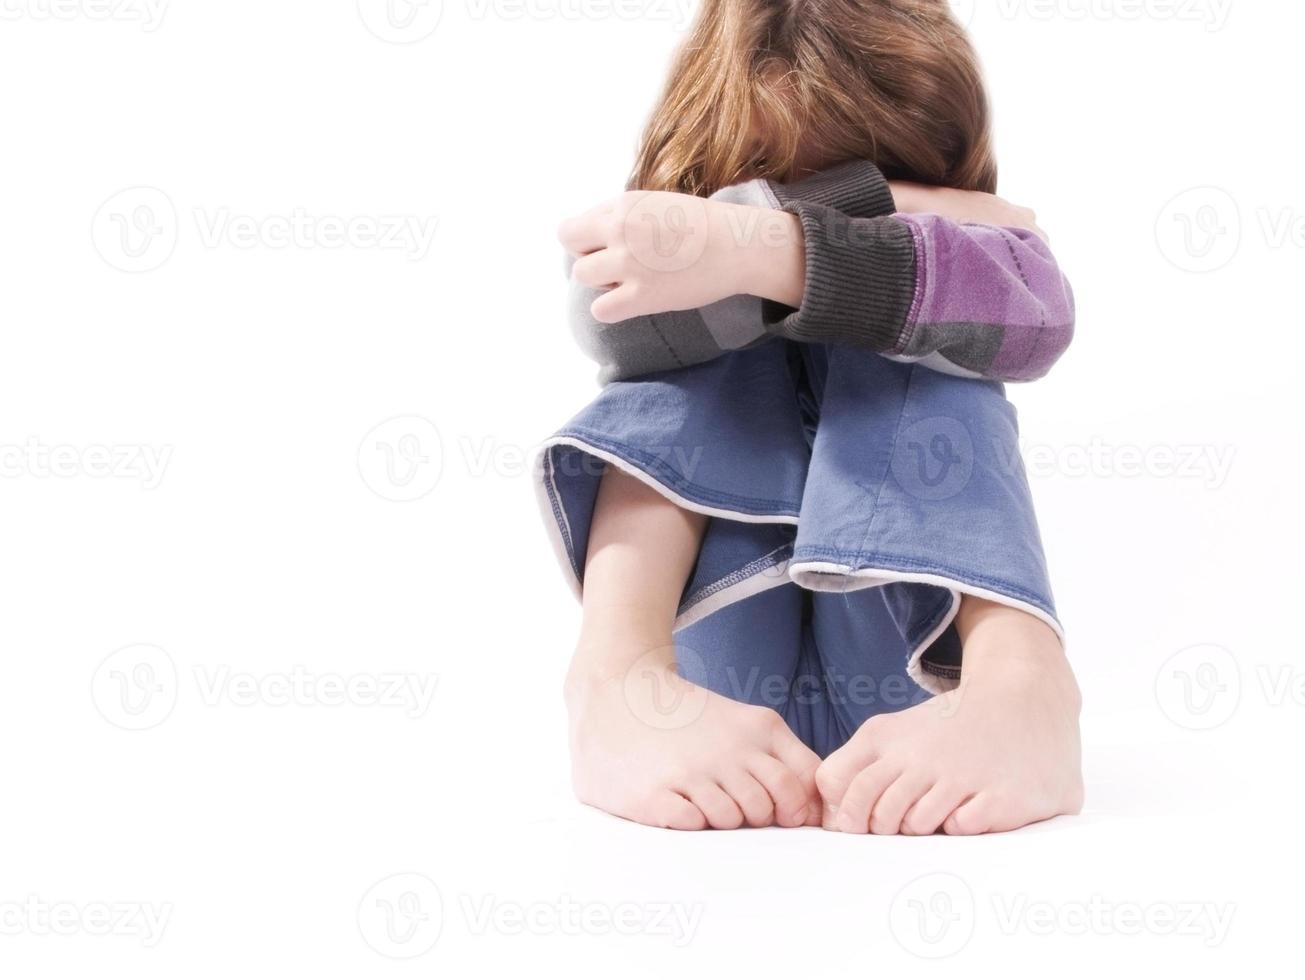 sorgligt barn, fötter i känslomässig position foto